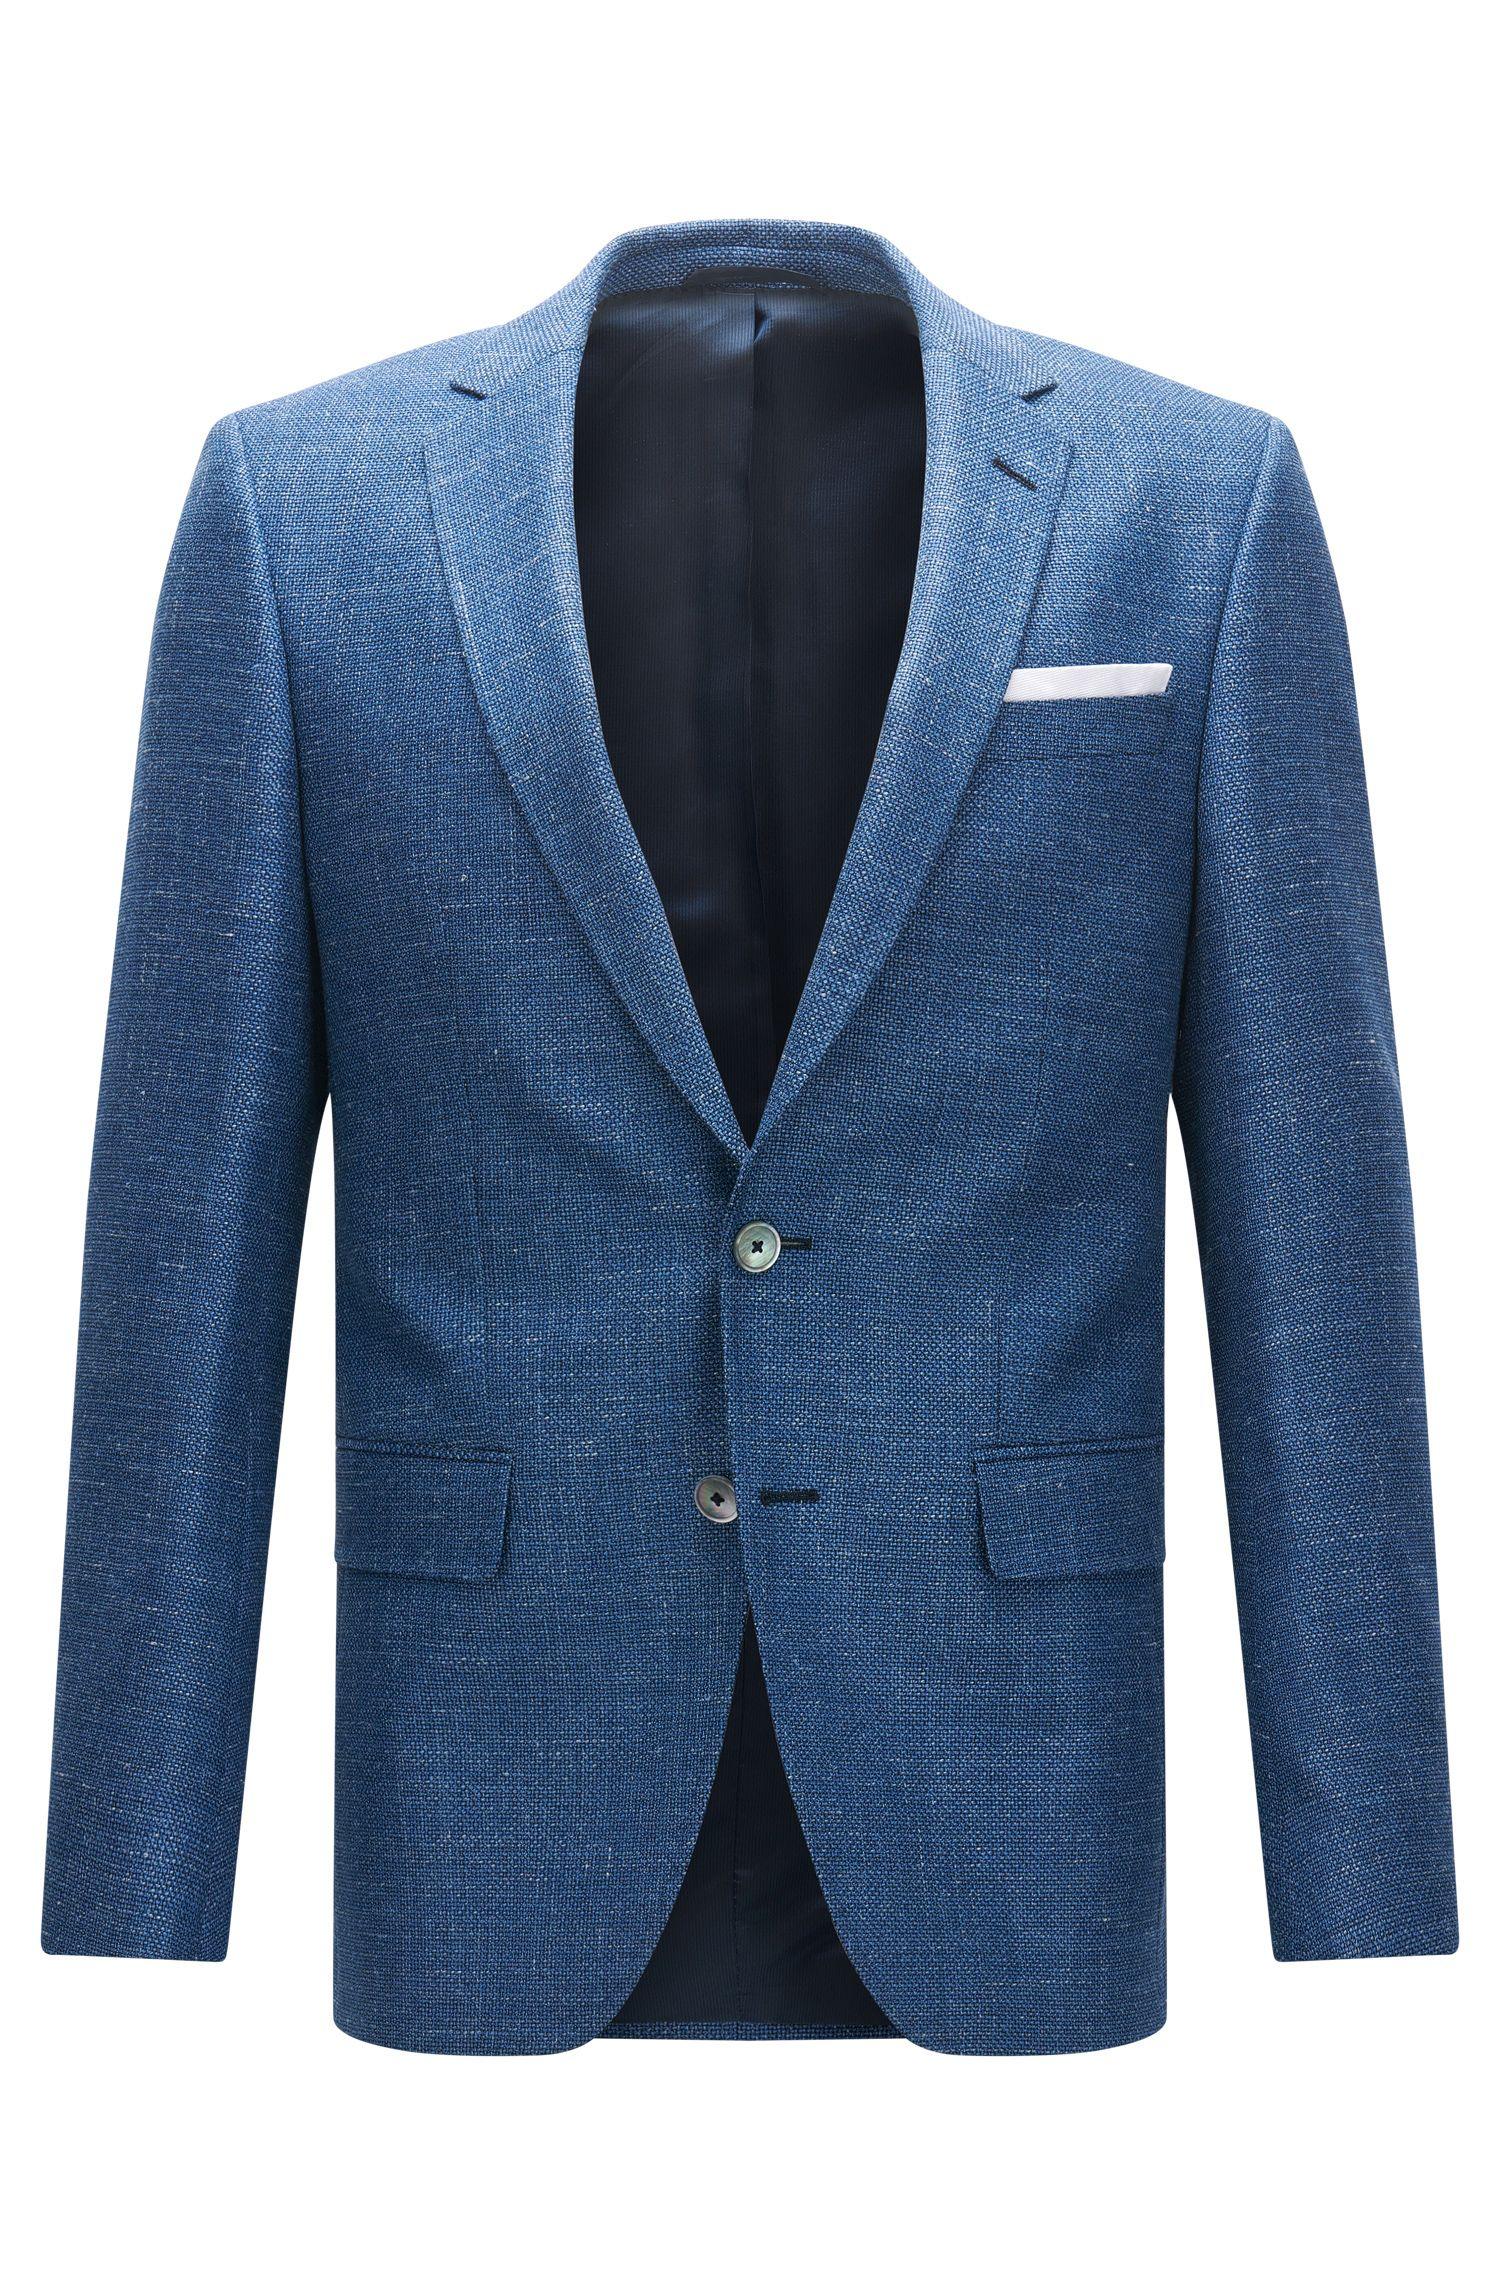 Slim-fit colbert van scheerwol, zijde en linnen